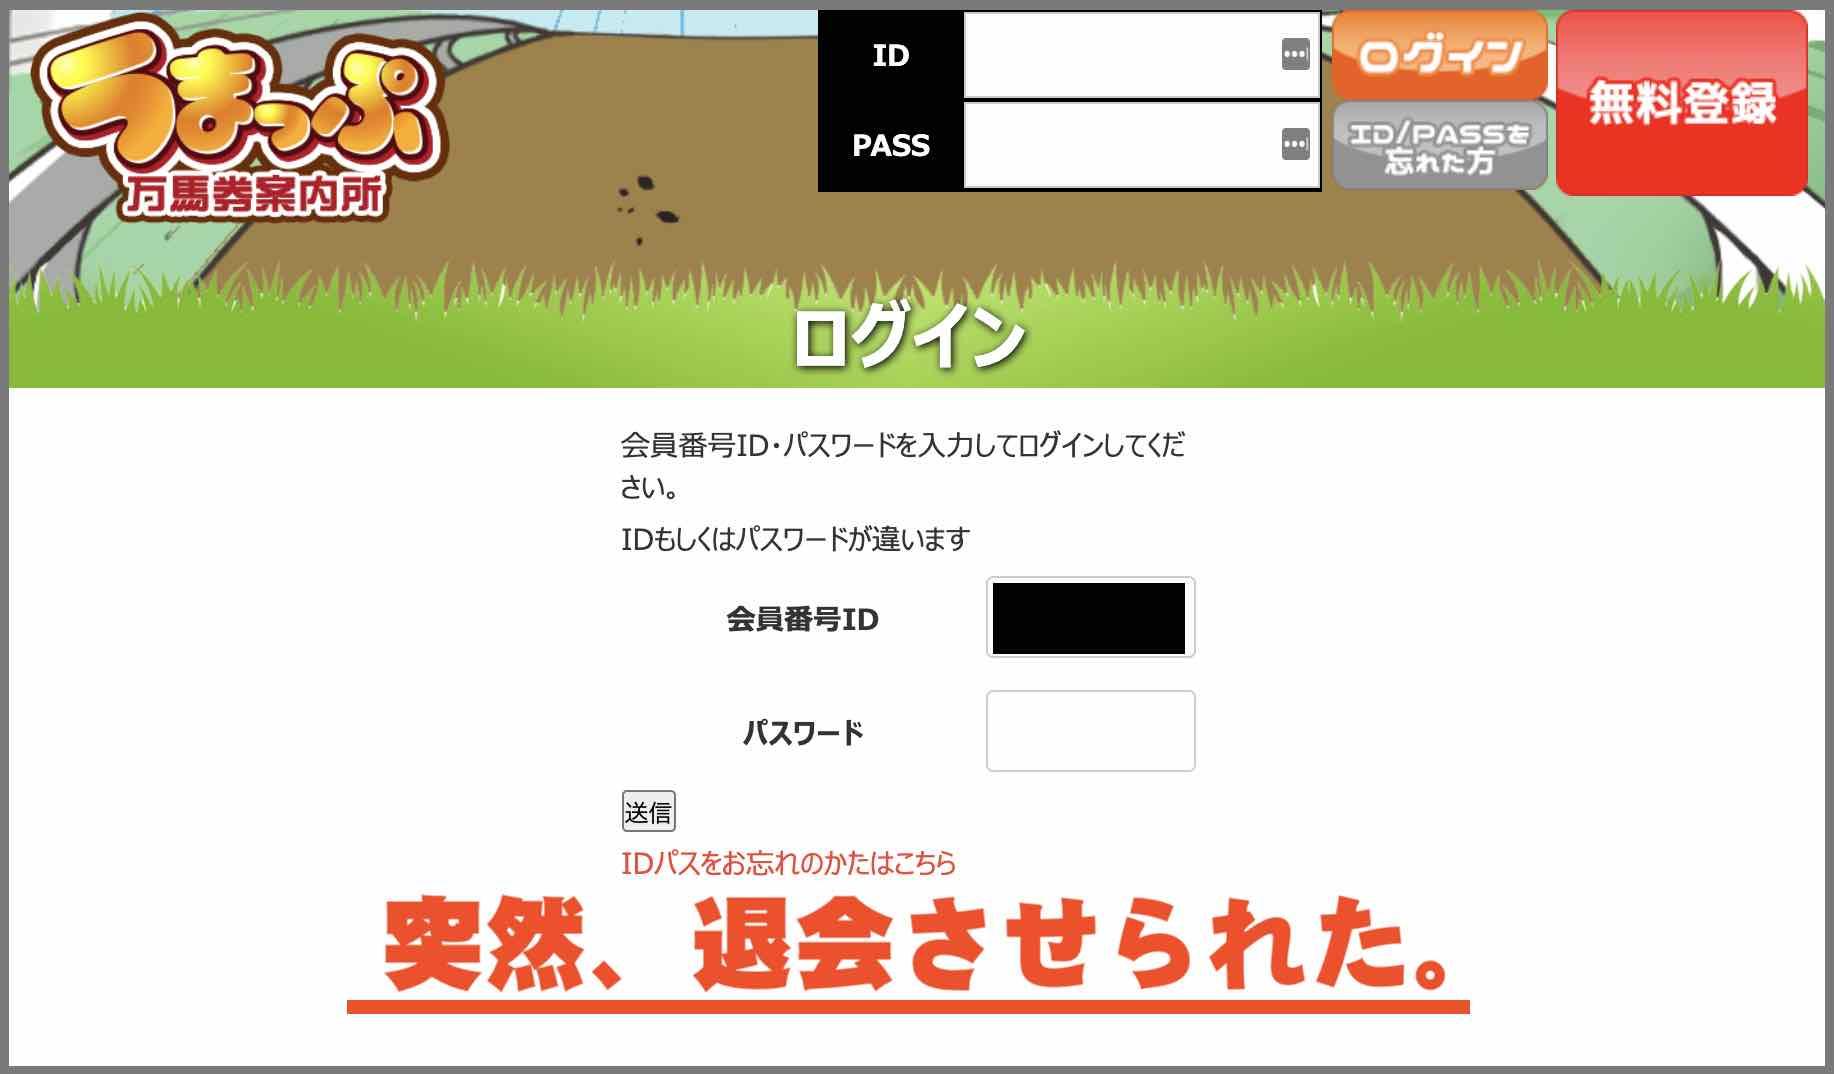 うまっぷという競馬予想サイトの無料予想(無料情報)を再検証すると強制退会